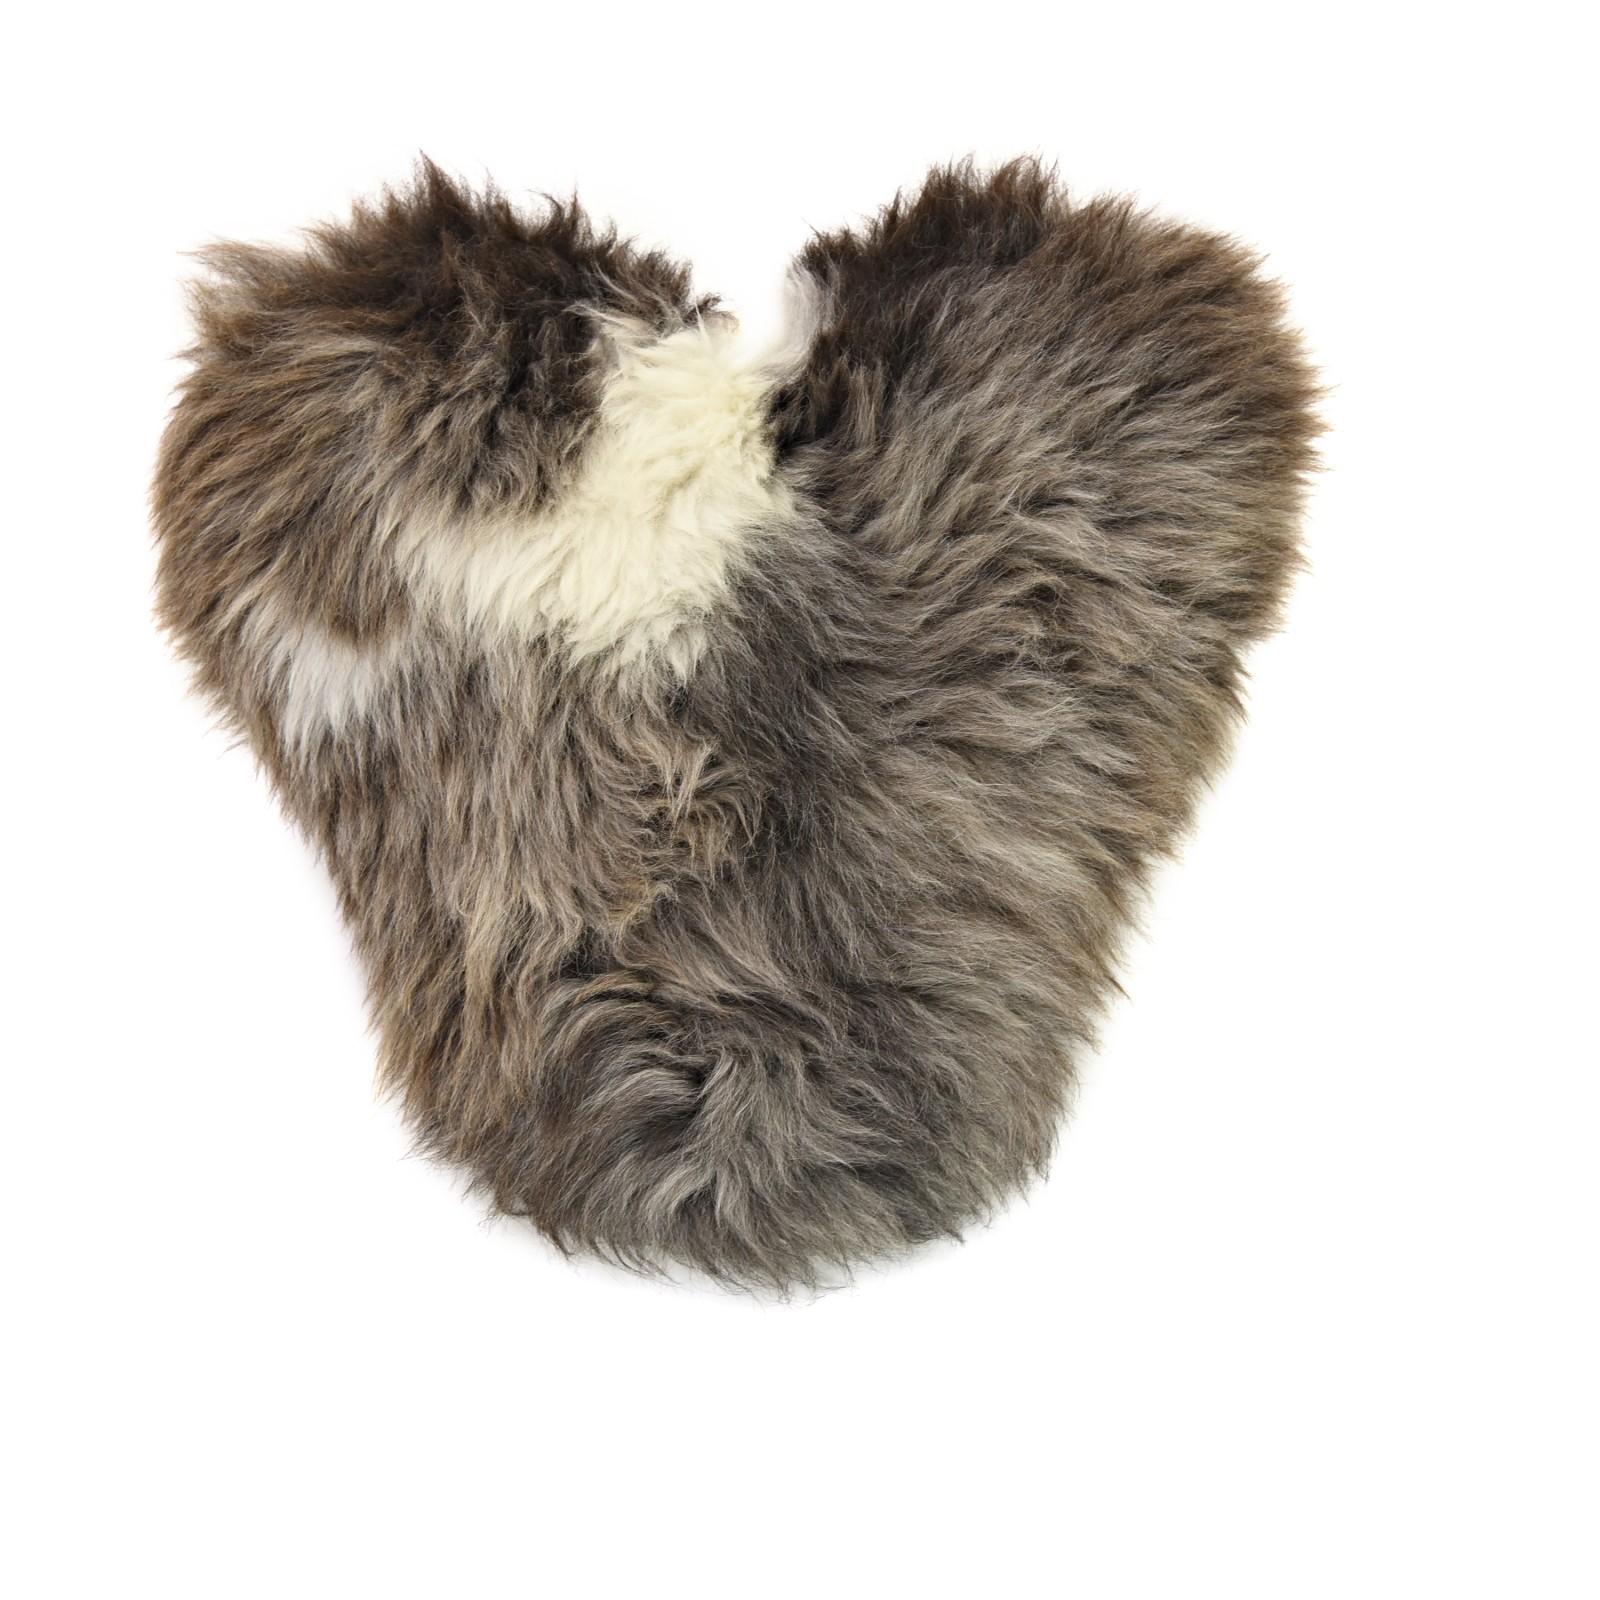 Calon Wlân - Sheepskin Heart Cushion in Rare Breed